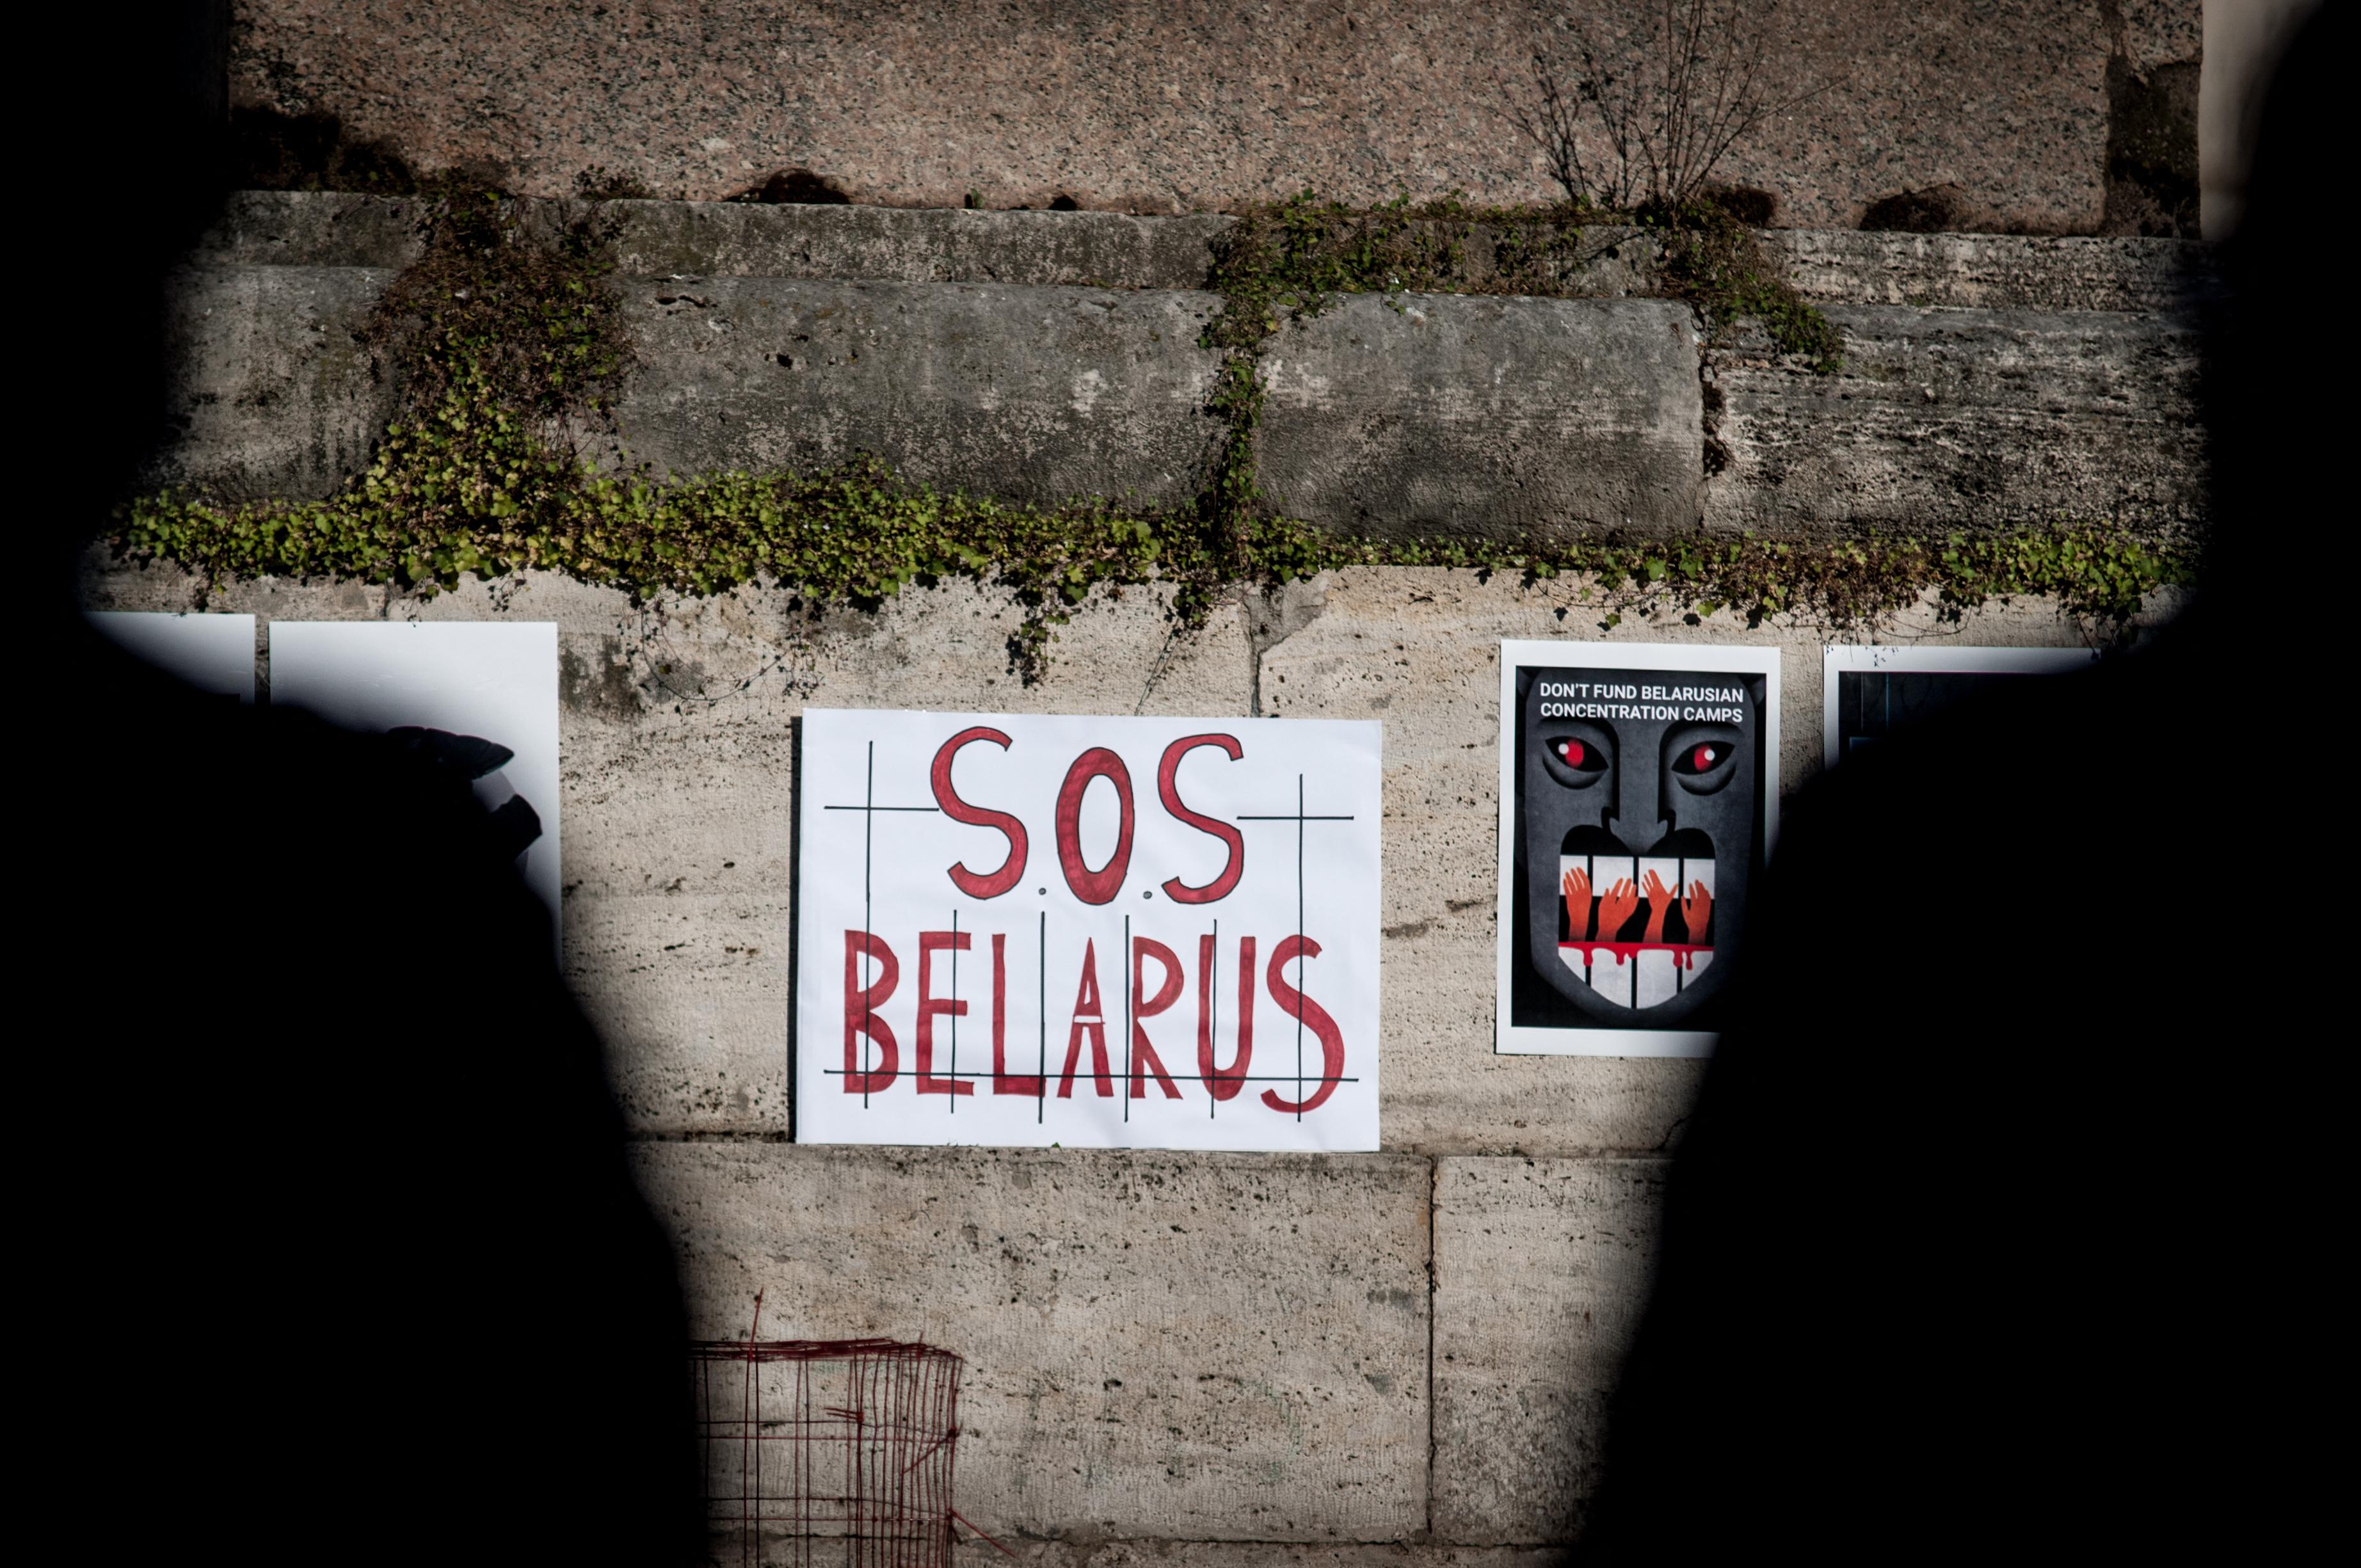 A Nexta a szabad belarusz sajtó utolsó kapaszkodója